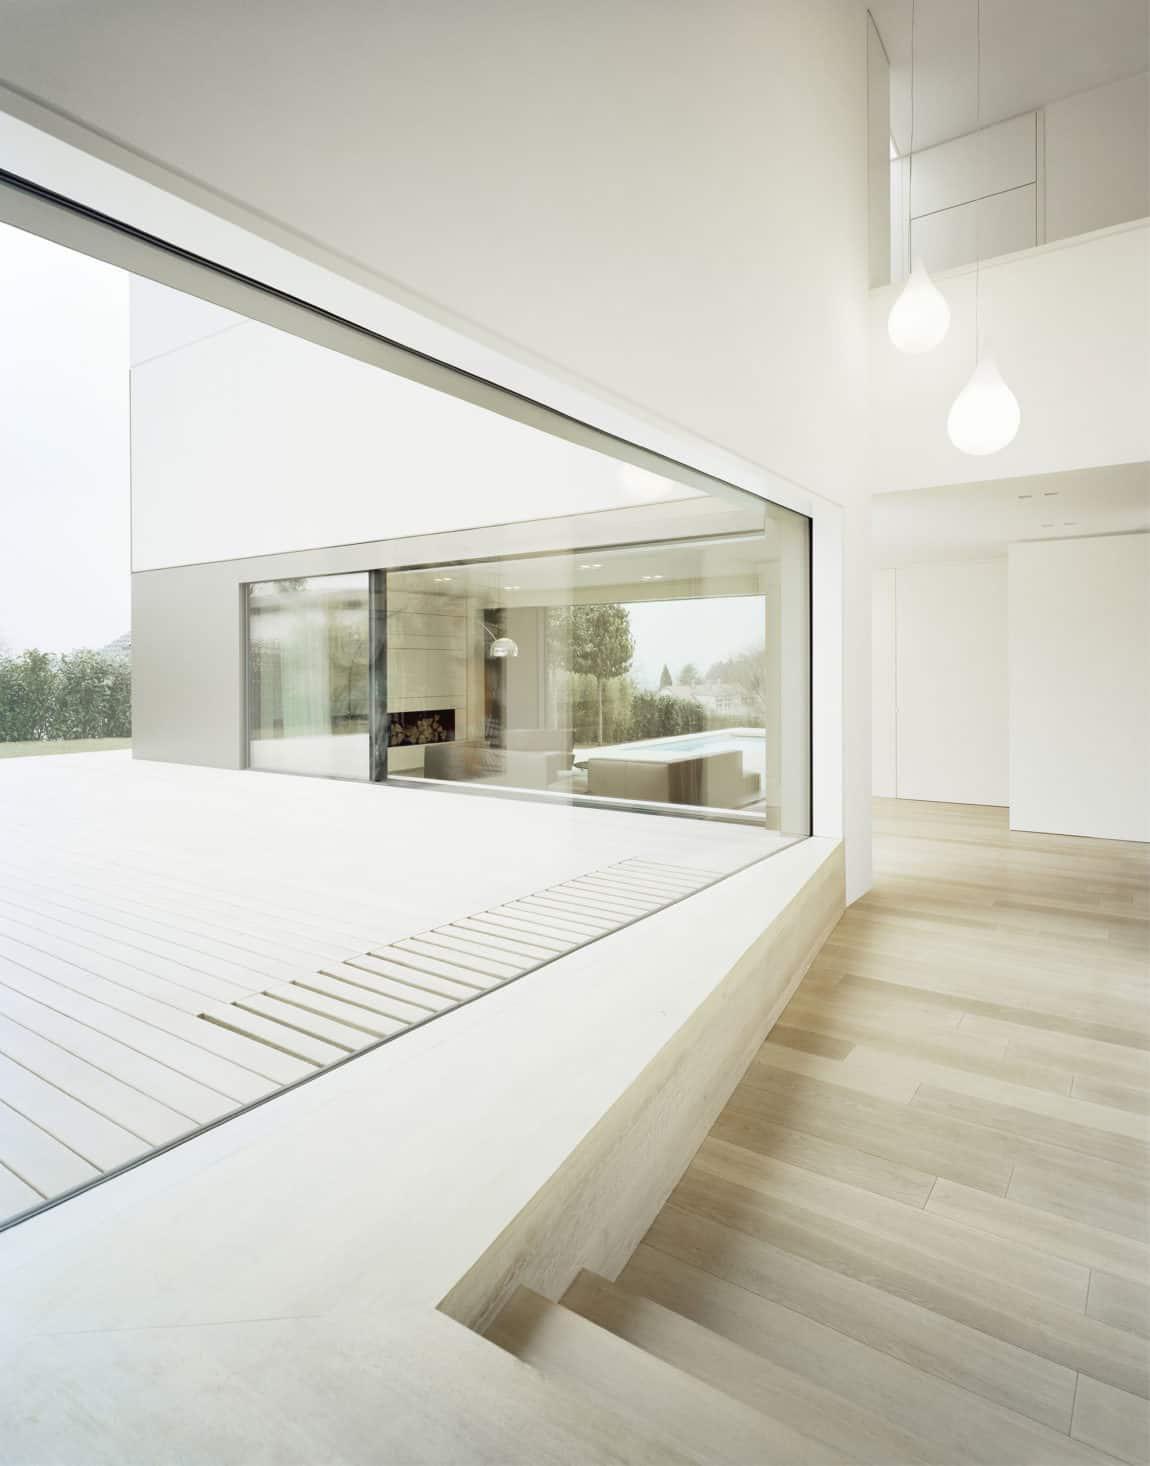 S3 Cityvilla by Steimle Architekten (13)